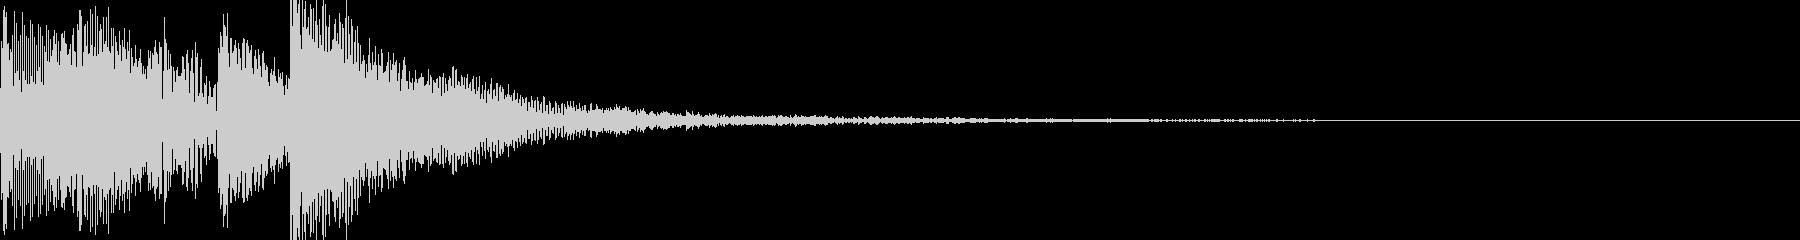 ポップアップ 決定音系 堅めの音 001の未再生の波形